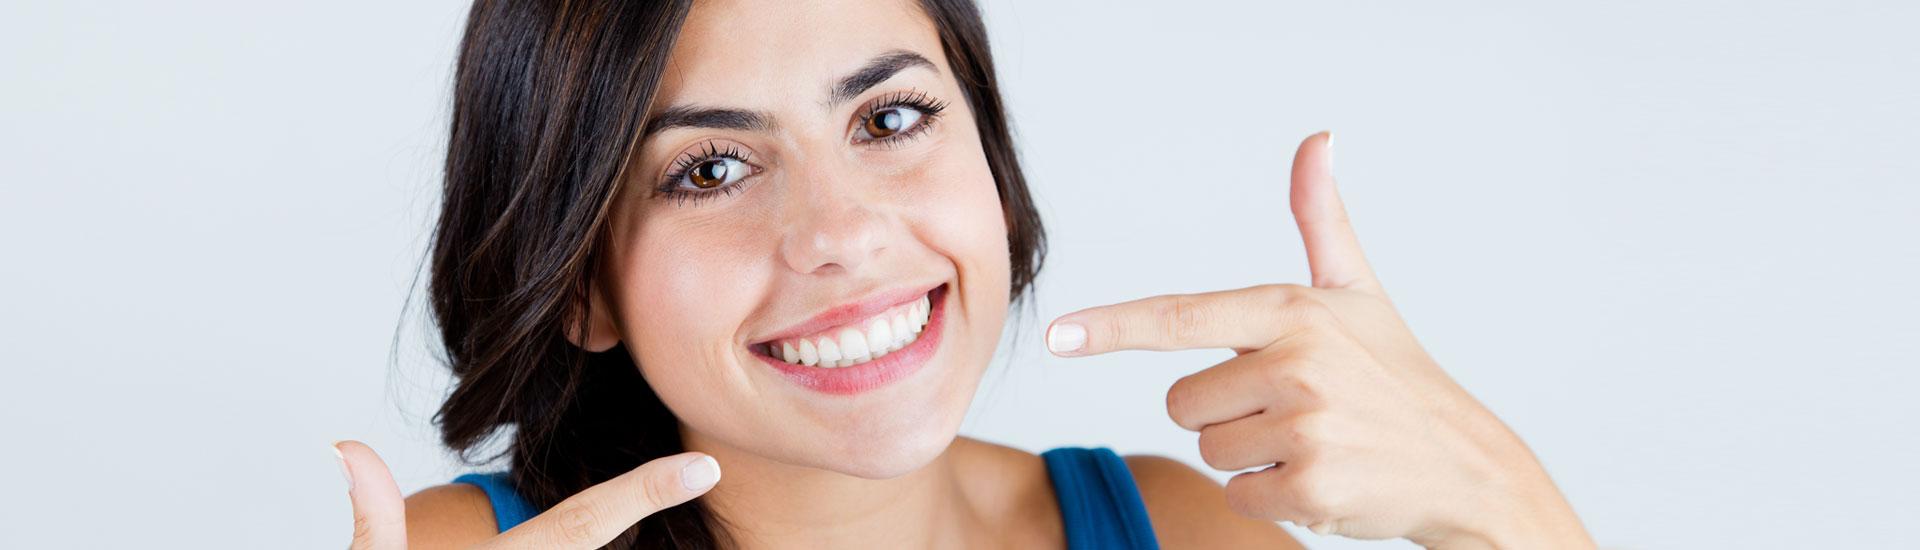 Porcelain Veneers Create Flawless Smiles